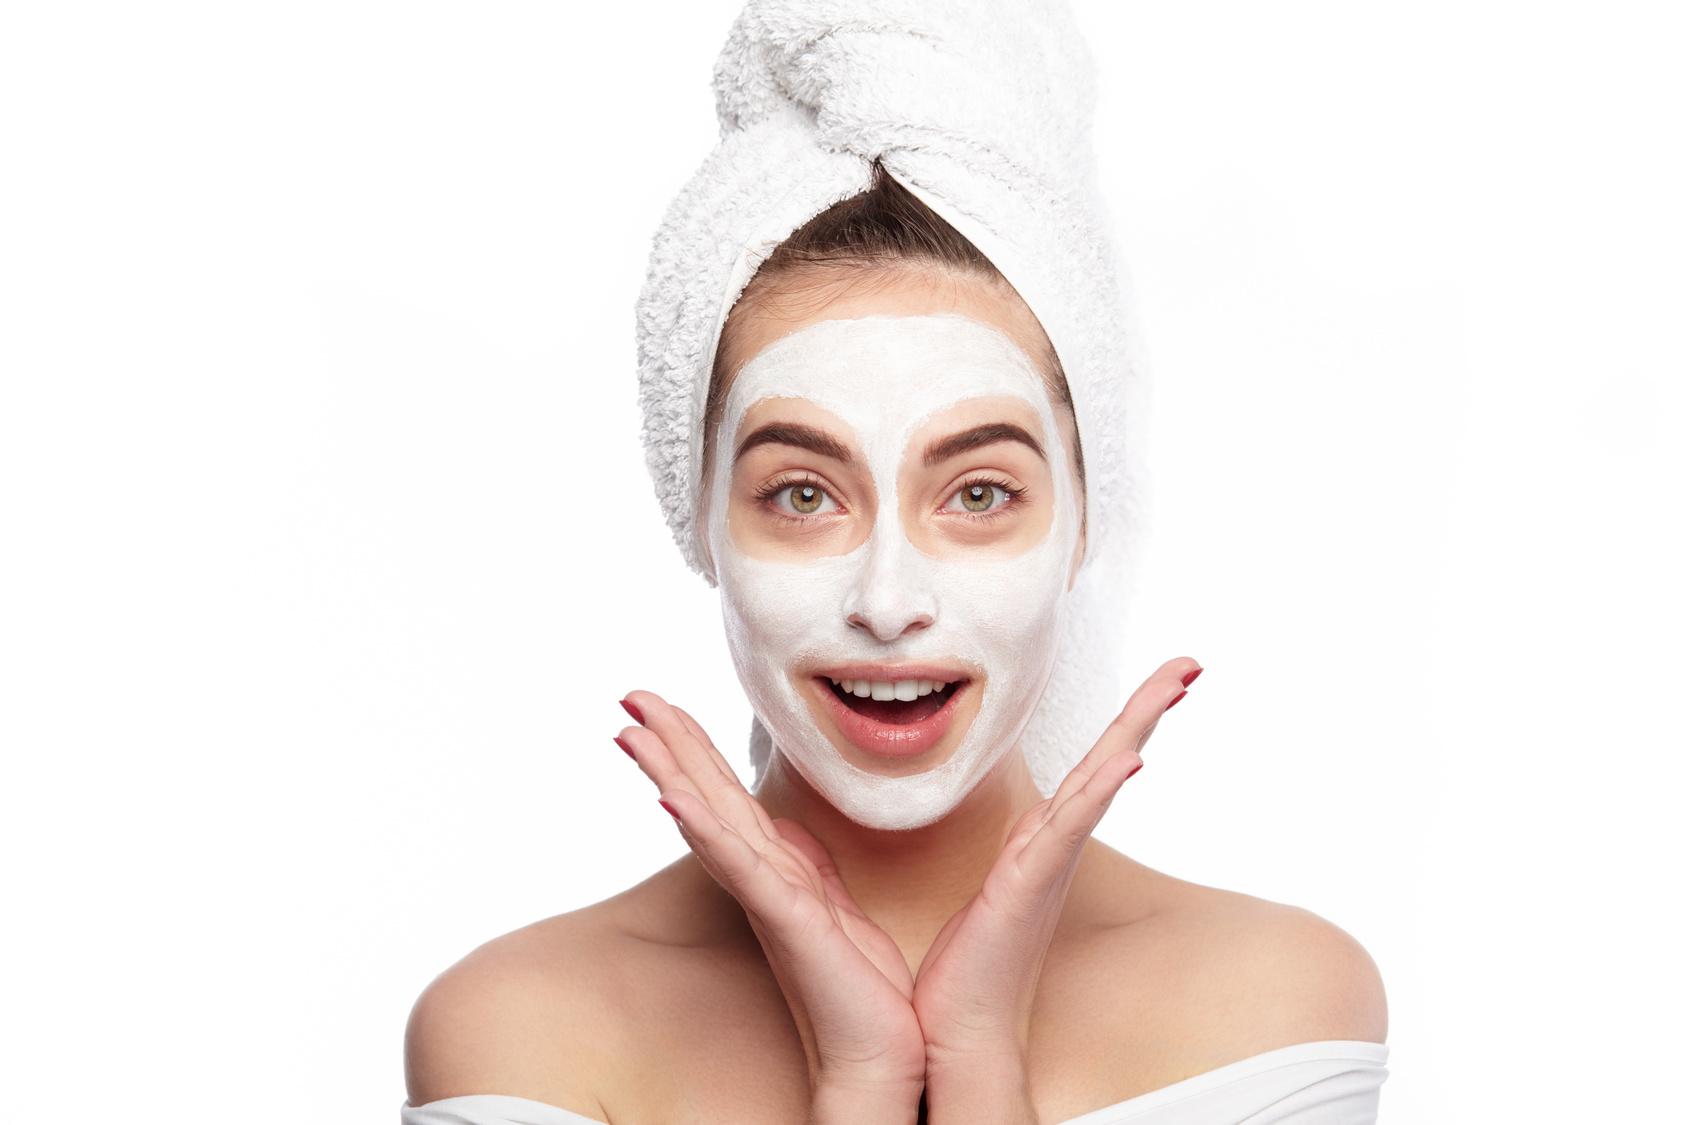 Cuidados do rosto: qual é a ordem certa da aplicação dos cosméticos?